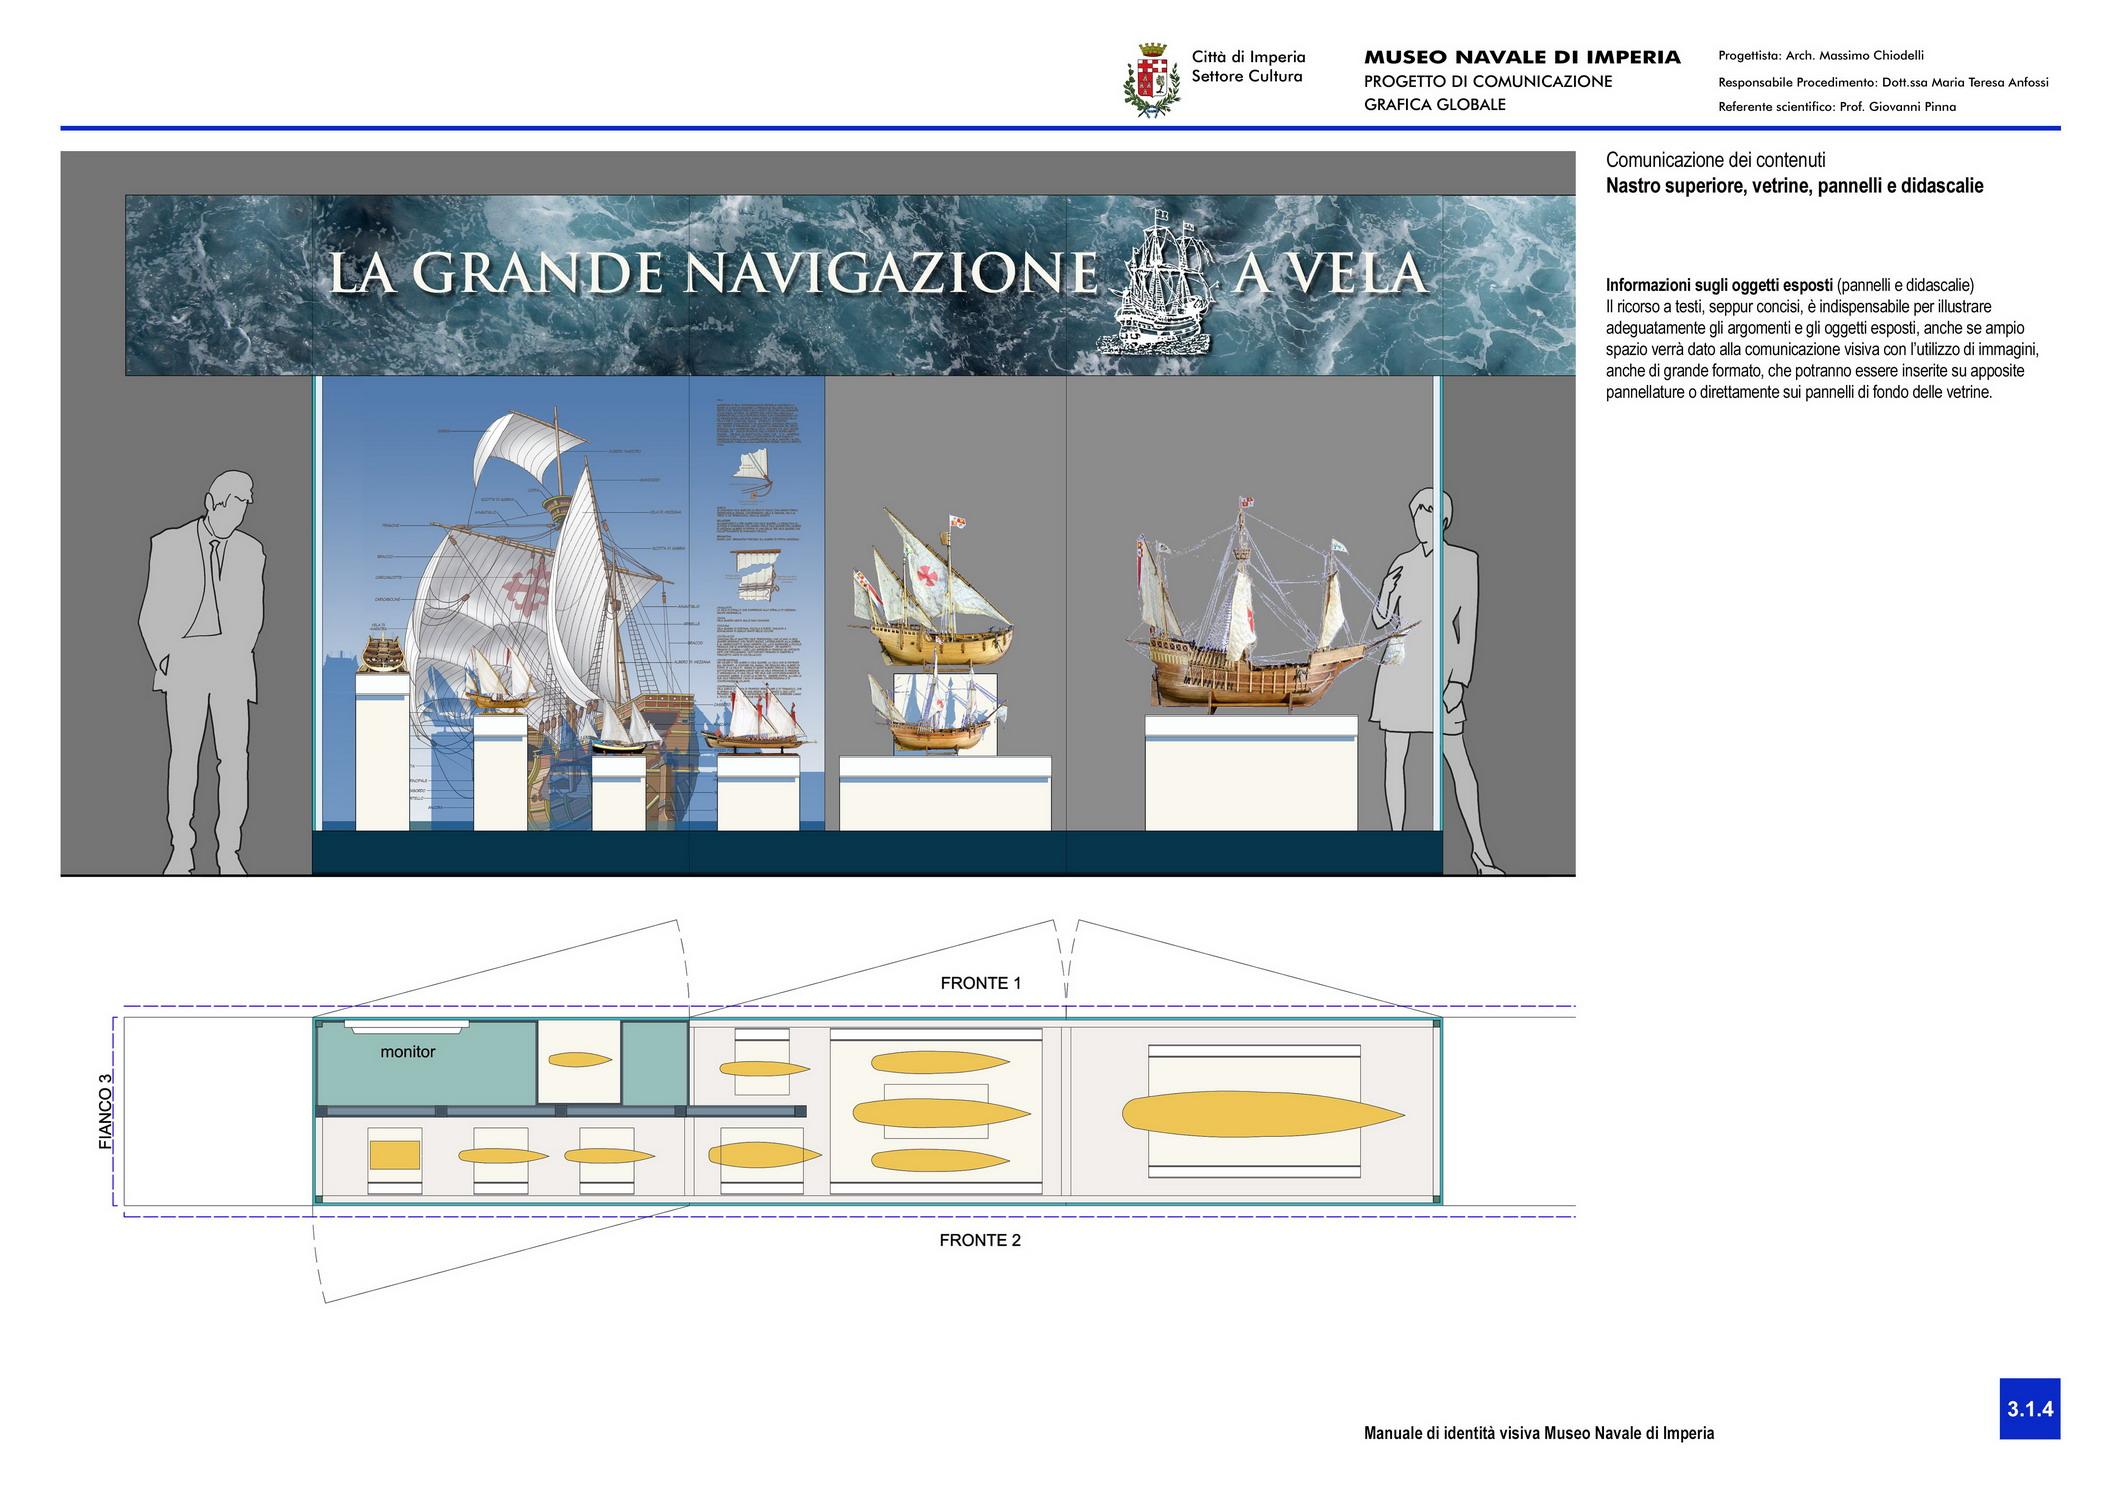 Museo Navale di Imperia - comunicazione dei contenuti